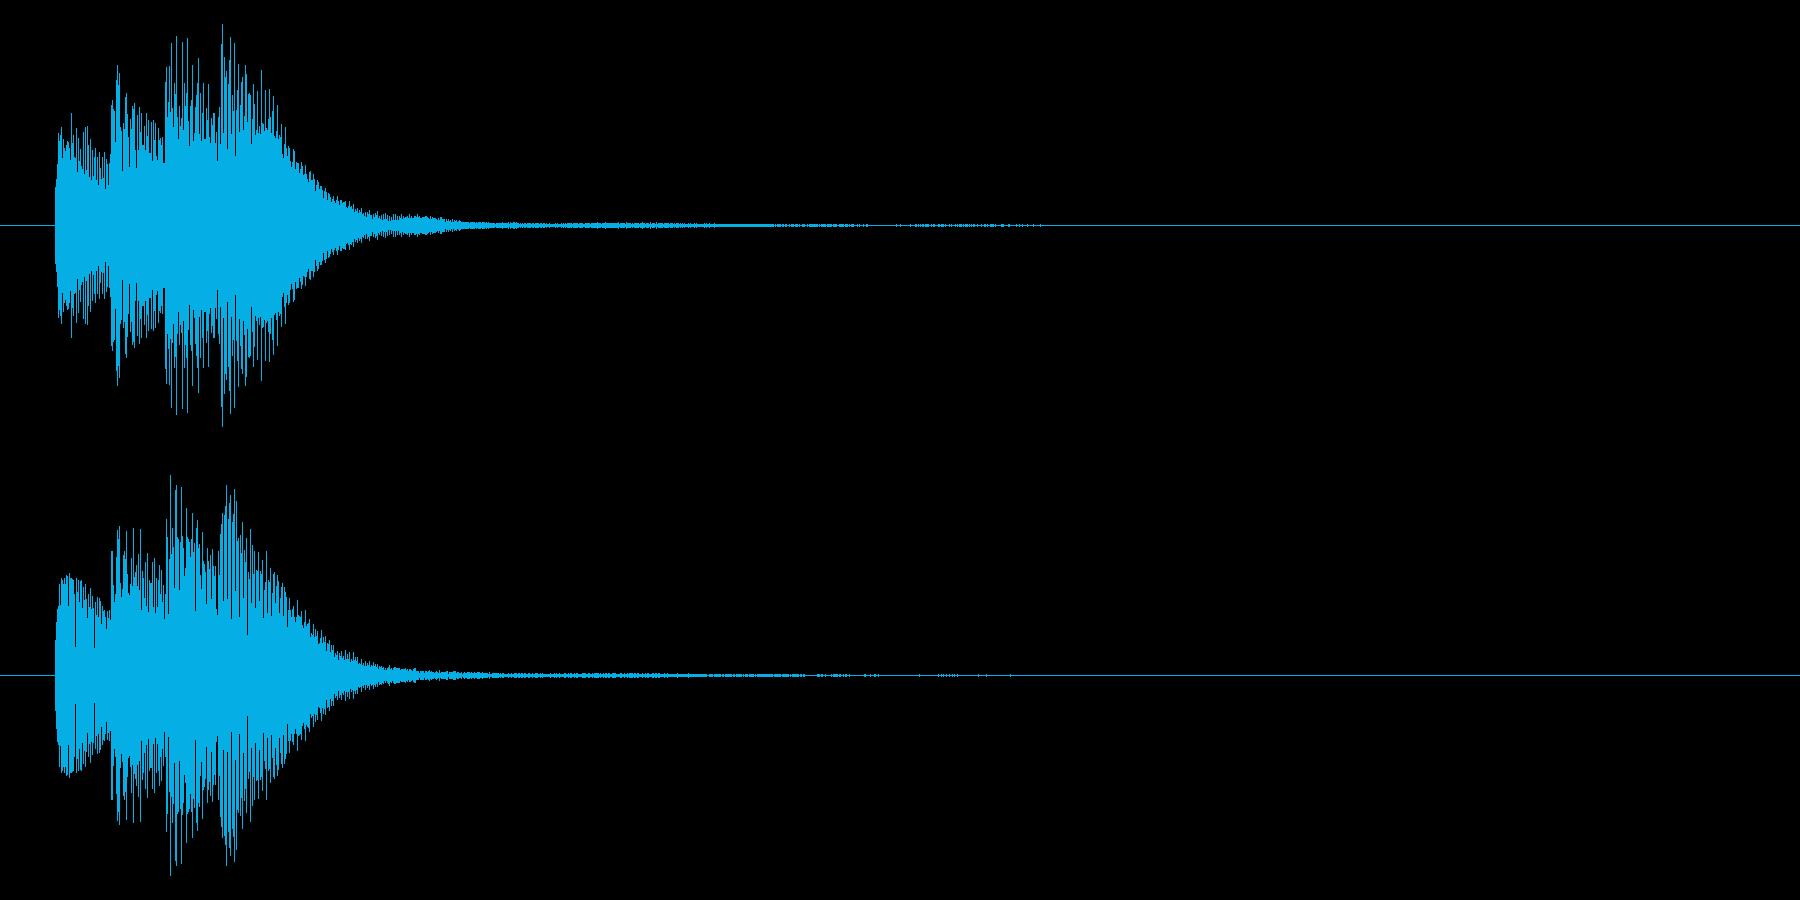 タラララン↑/ニュース/テロップ/通知の再生済みの波形